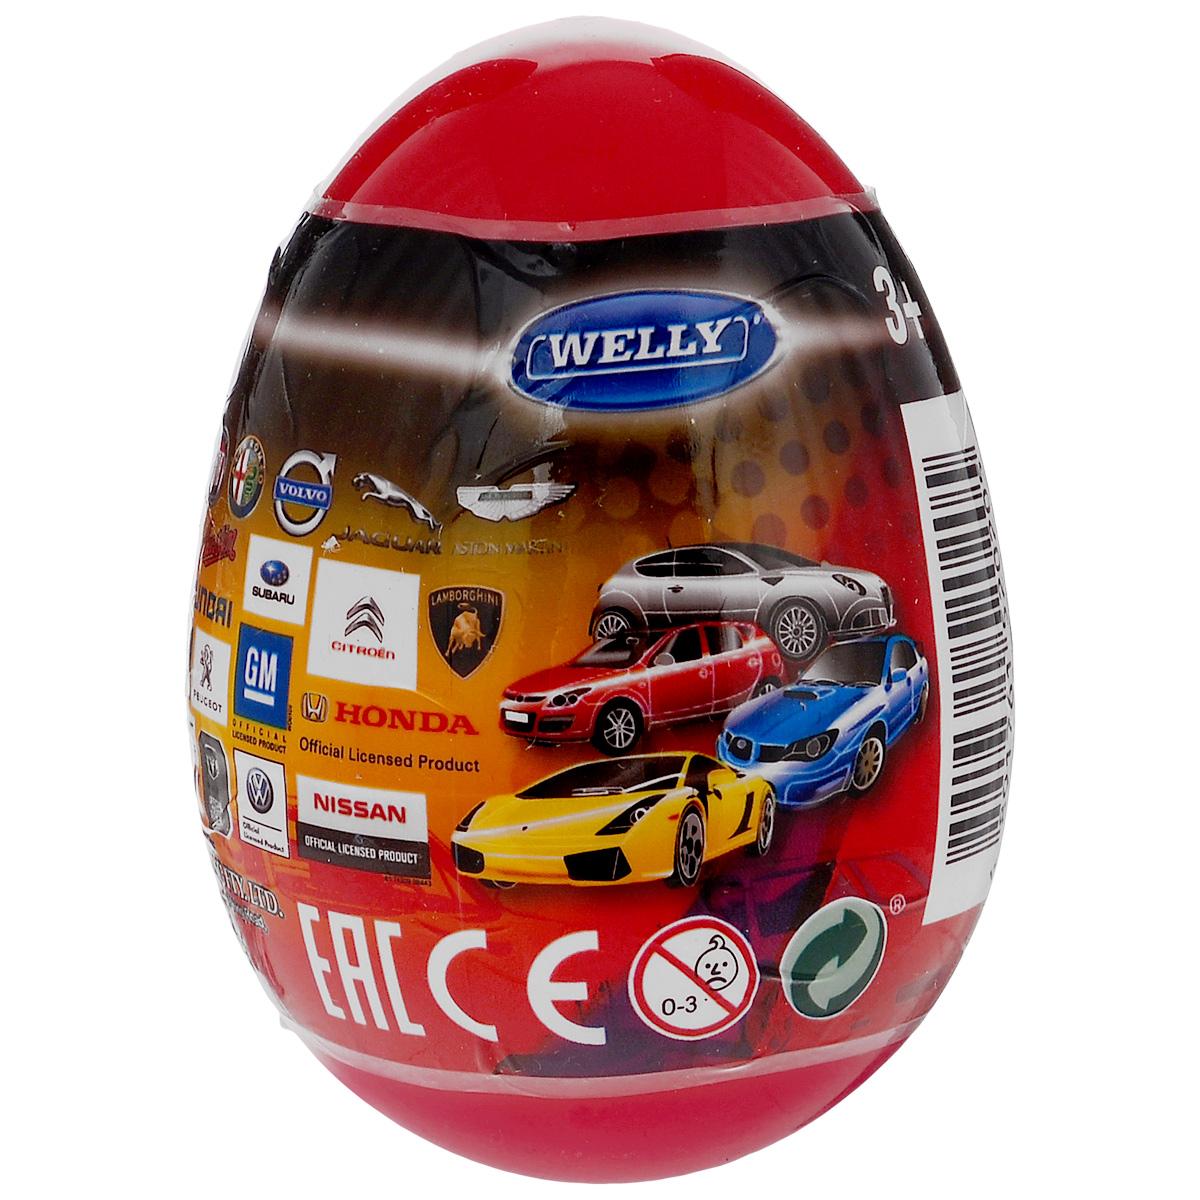 Welly Яйцо-сюрприз с машинкой цвет темно-красный52020E_темно-красныйЯйцо-сюрприз Welly Модель машины непременно привлечет внимание любого мальчика. Ведь в яйце его ждет сюрприз: моделька машины одного из гигантов мирового автопрома! Каждая игрушечная модель машины - точная копия, сделанная по лицензии автопроизводителя. Модели прекрасно детализированы, несмотря на маленький размер. Машинки выполнены из металла и пластика. Порадуйте своего малыша таким великолепным подарком! Модели автомобилей продаются в закрытом яйце-сюрпризе, поэтому узнать, какая машинка внутри, можно только при открытии яйца.